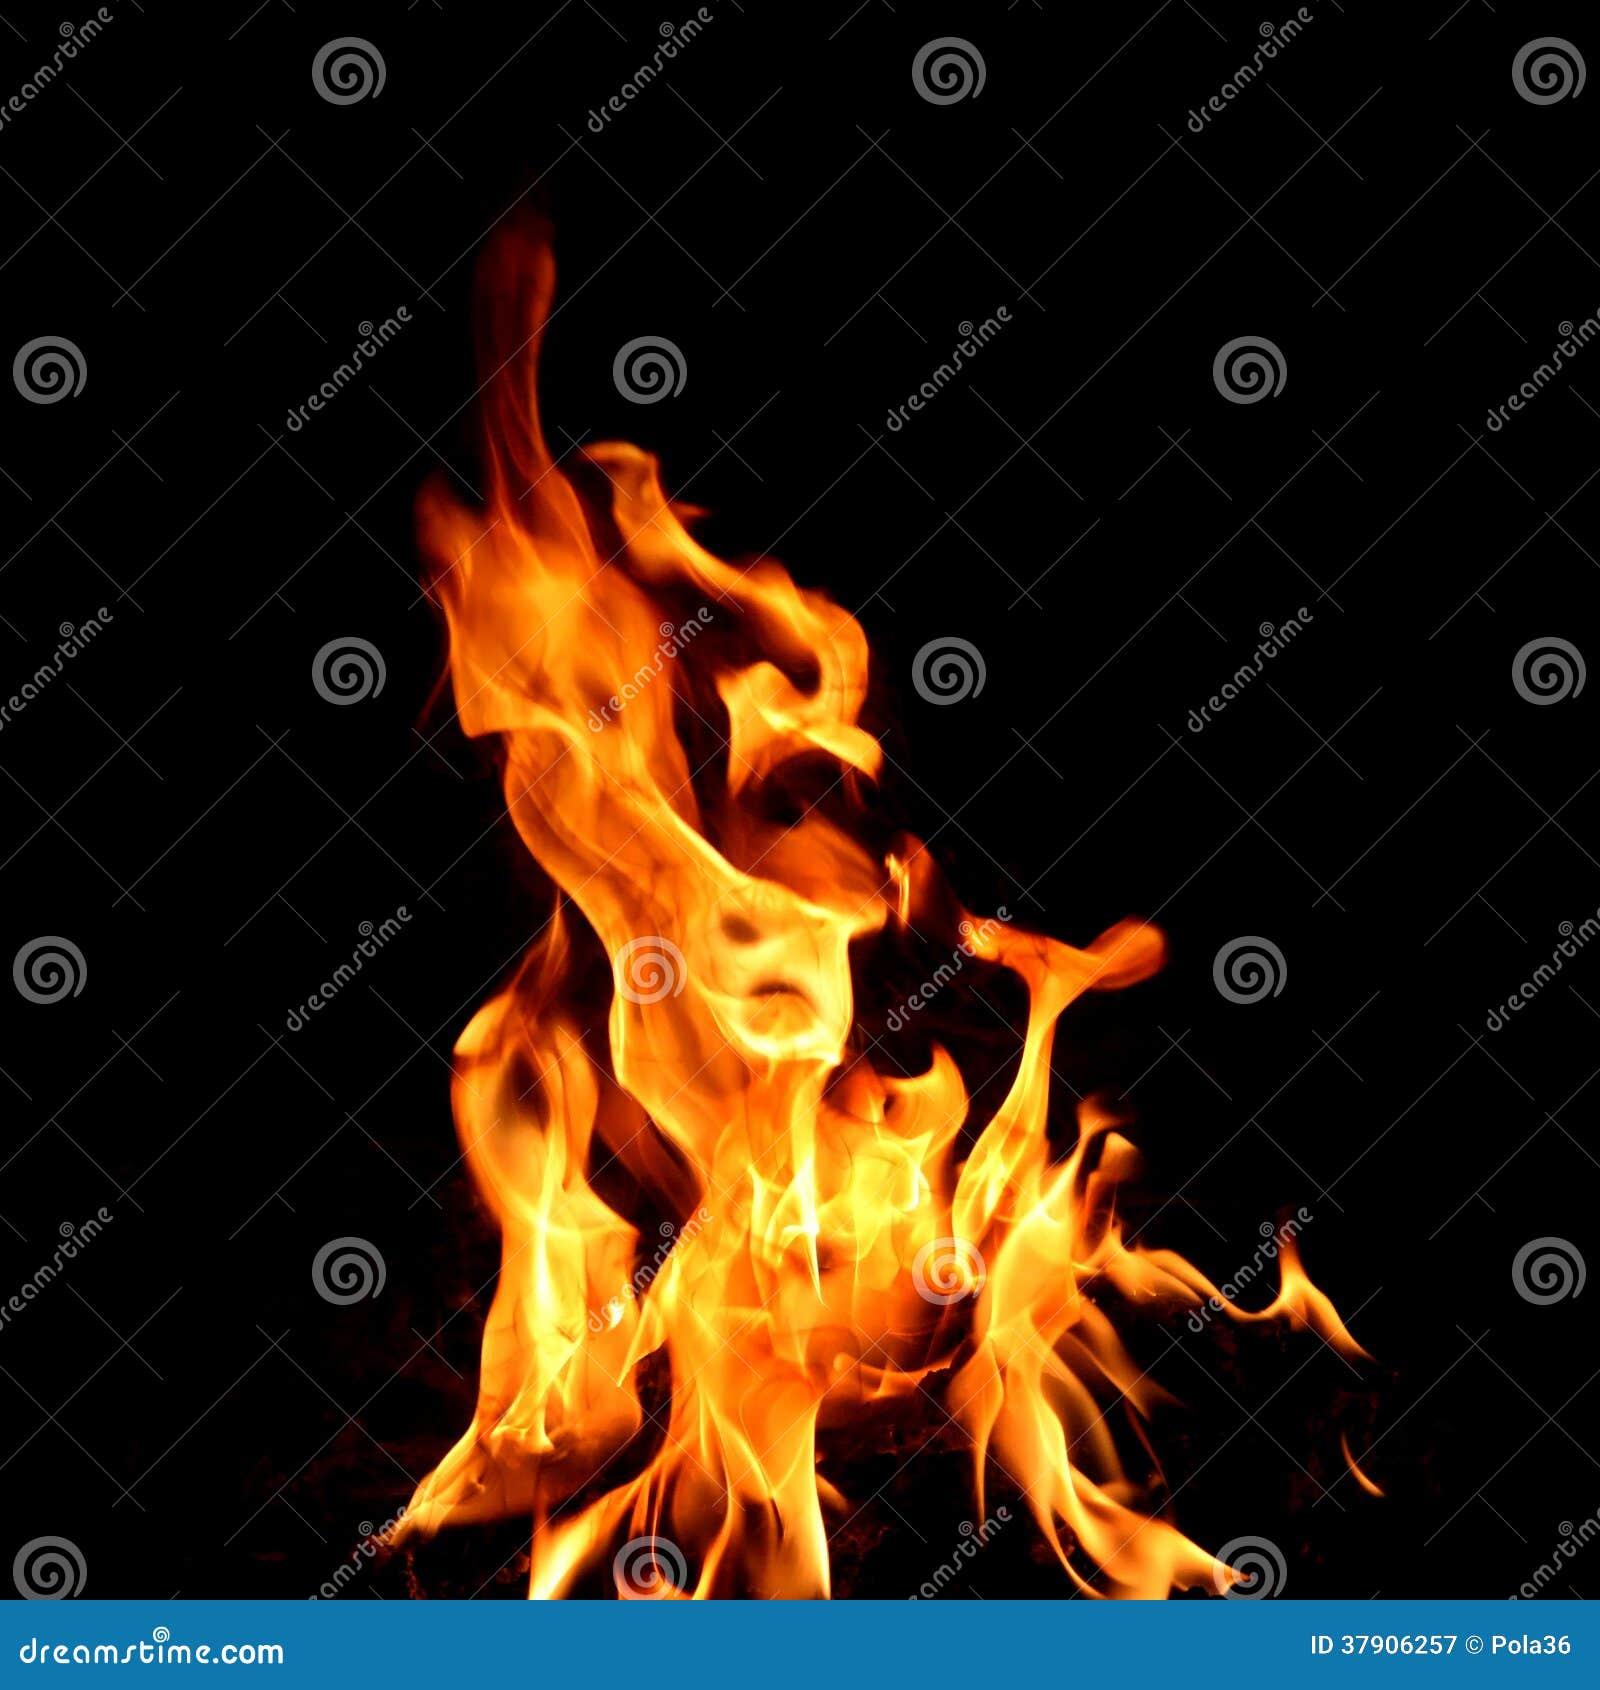 rotes feuer und flamme stockbild bild von hitze kamin 37906257. Black Bedroom Furniture Sets. Home Design Ideas